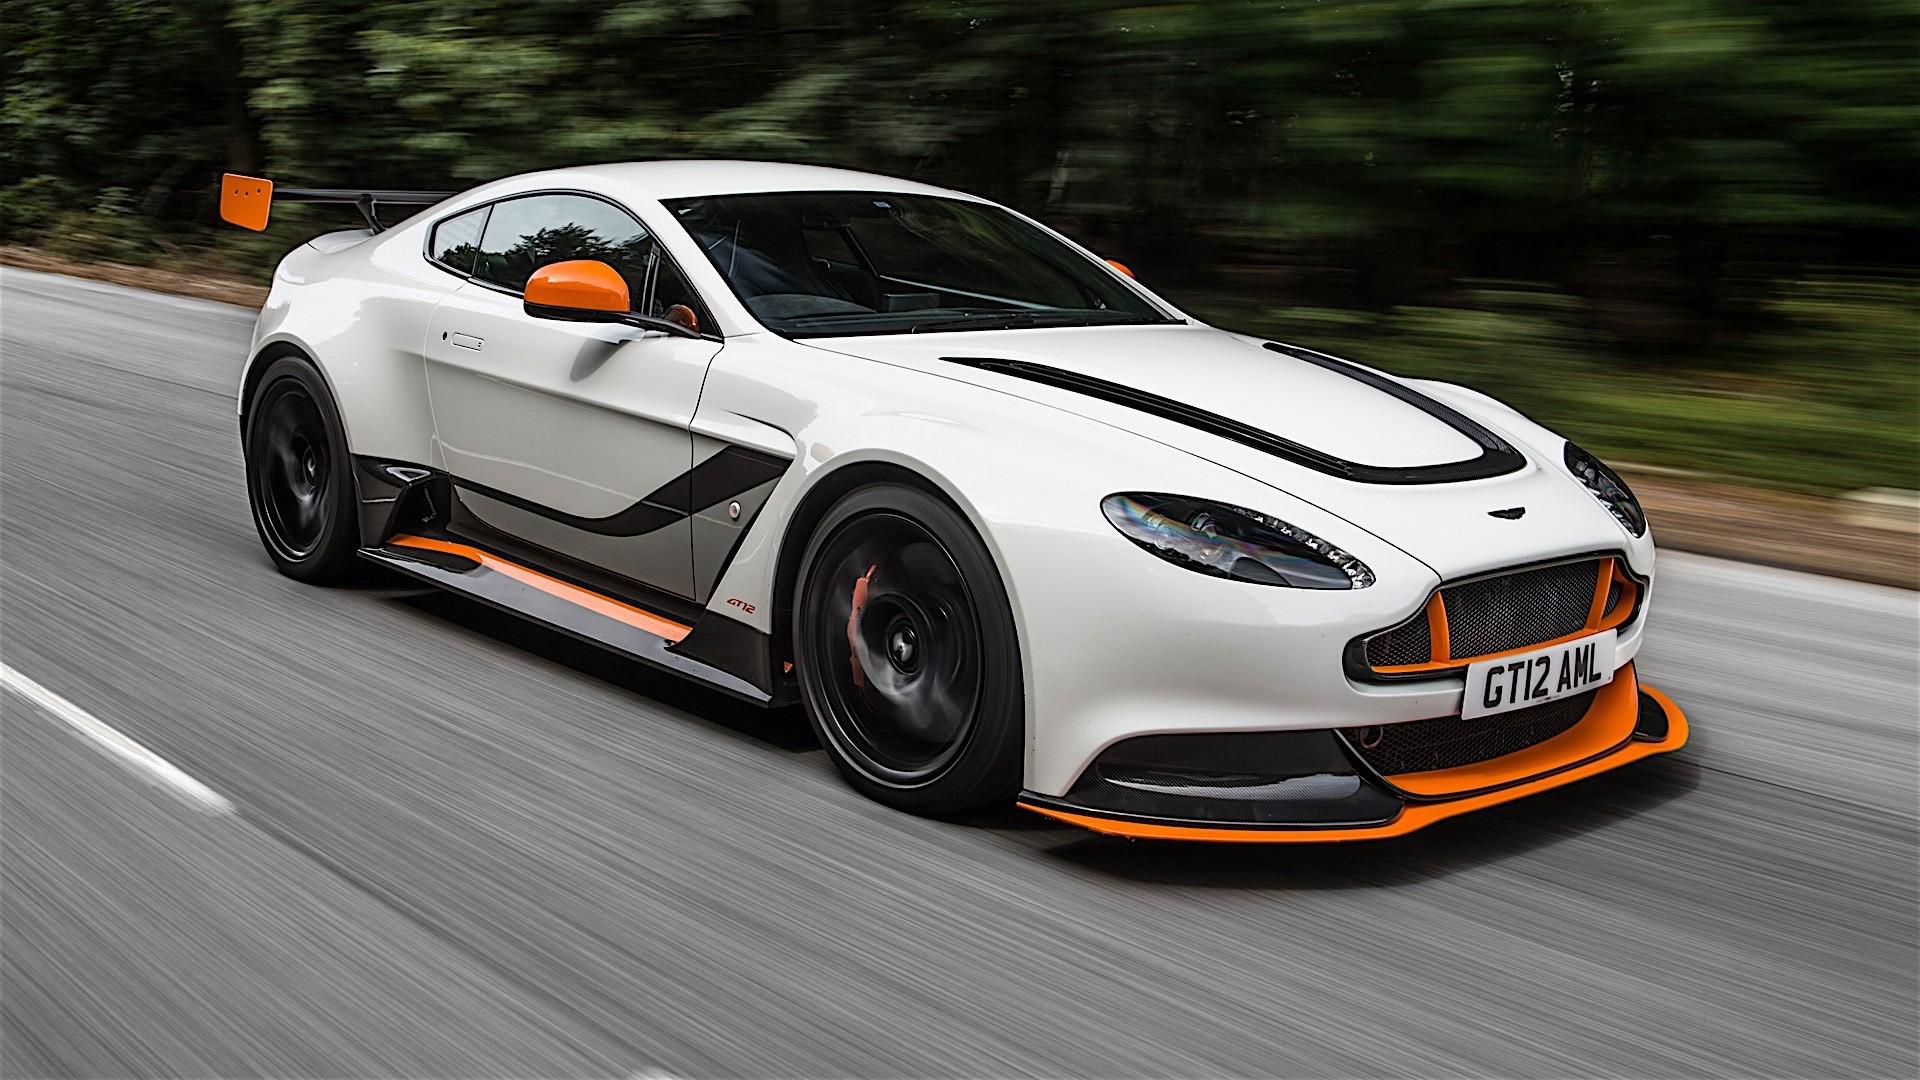 Aston Martin Vantage Gt12 Spezifikationen Fotos 2015 2016 Autoevolution In Deutscher Sprache